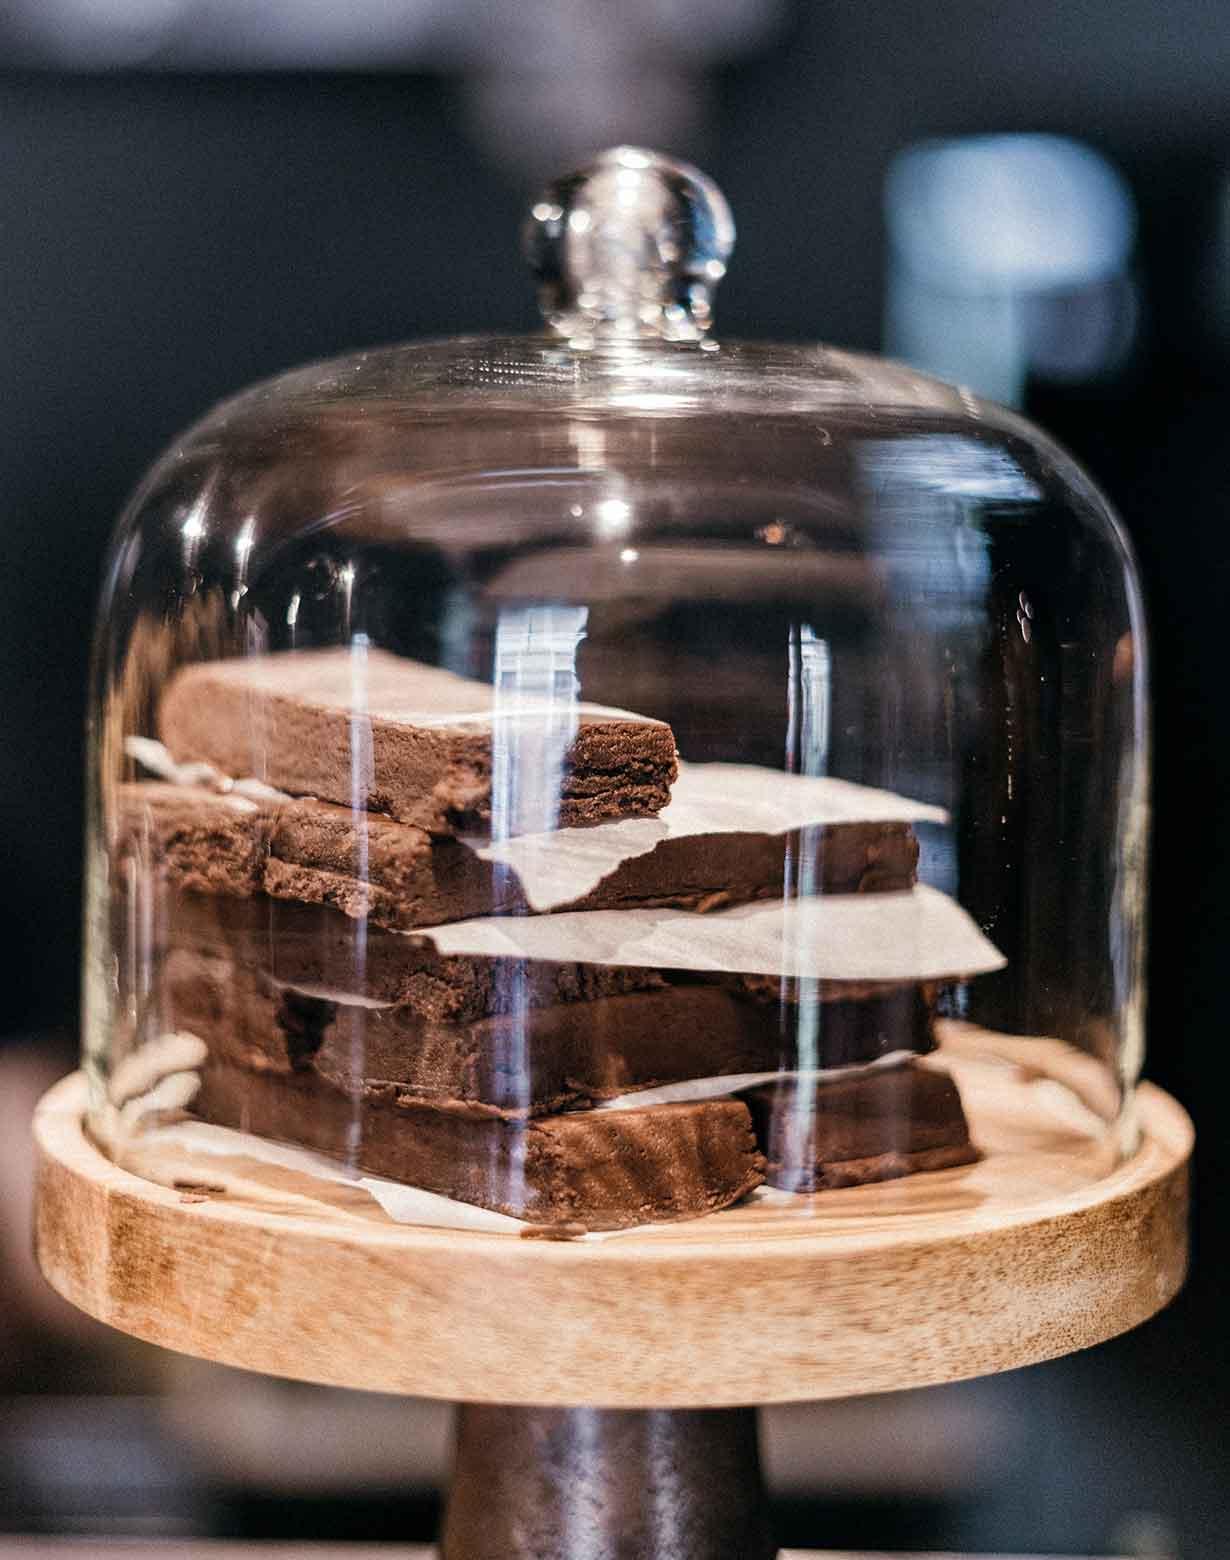 bakery-sample-1